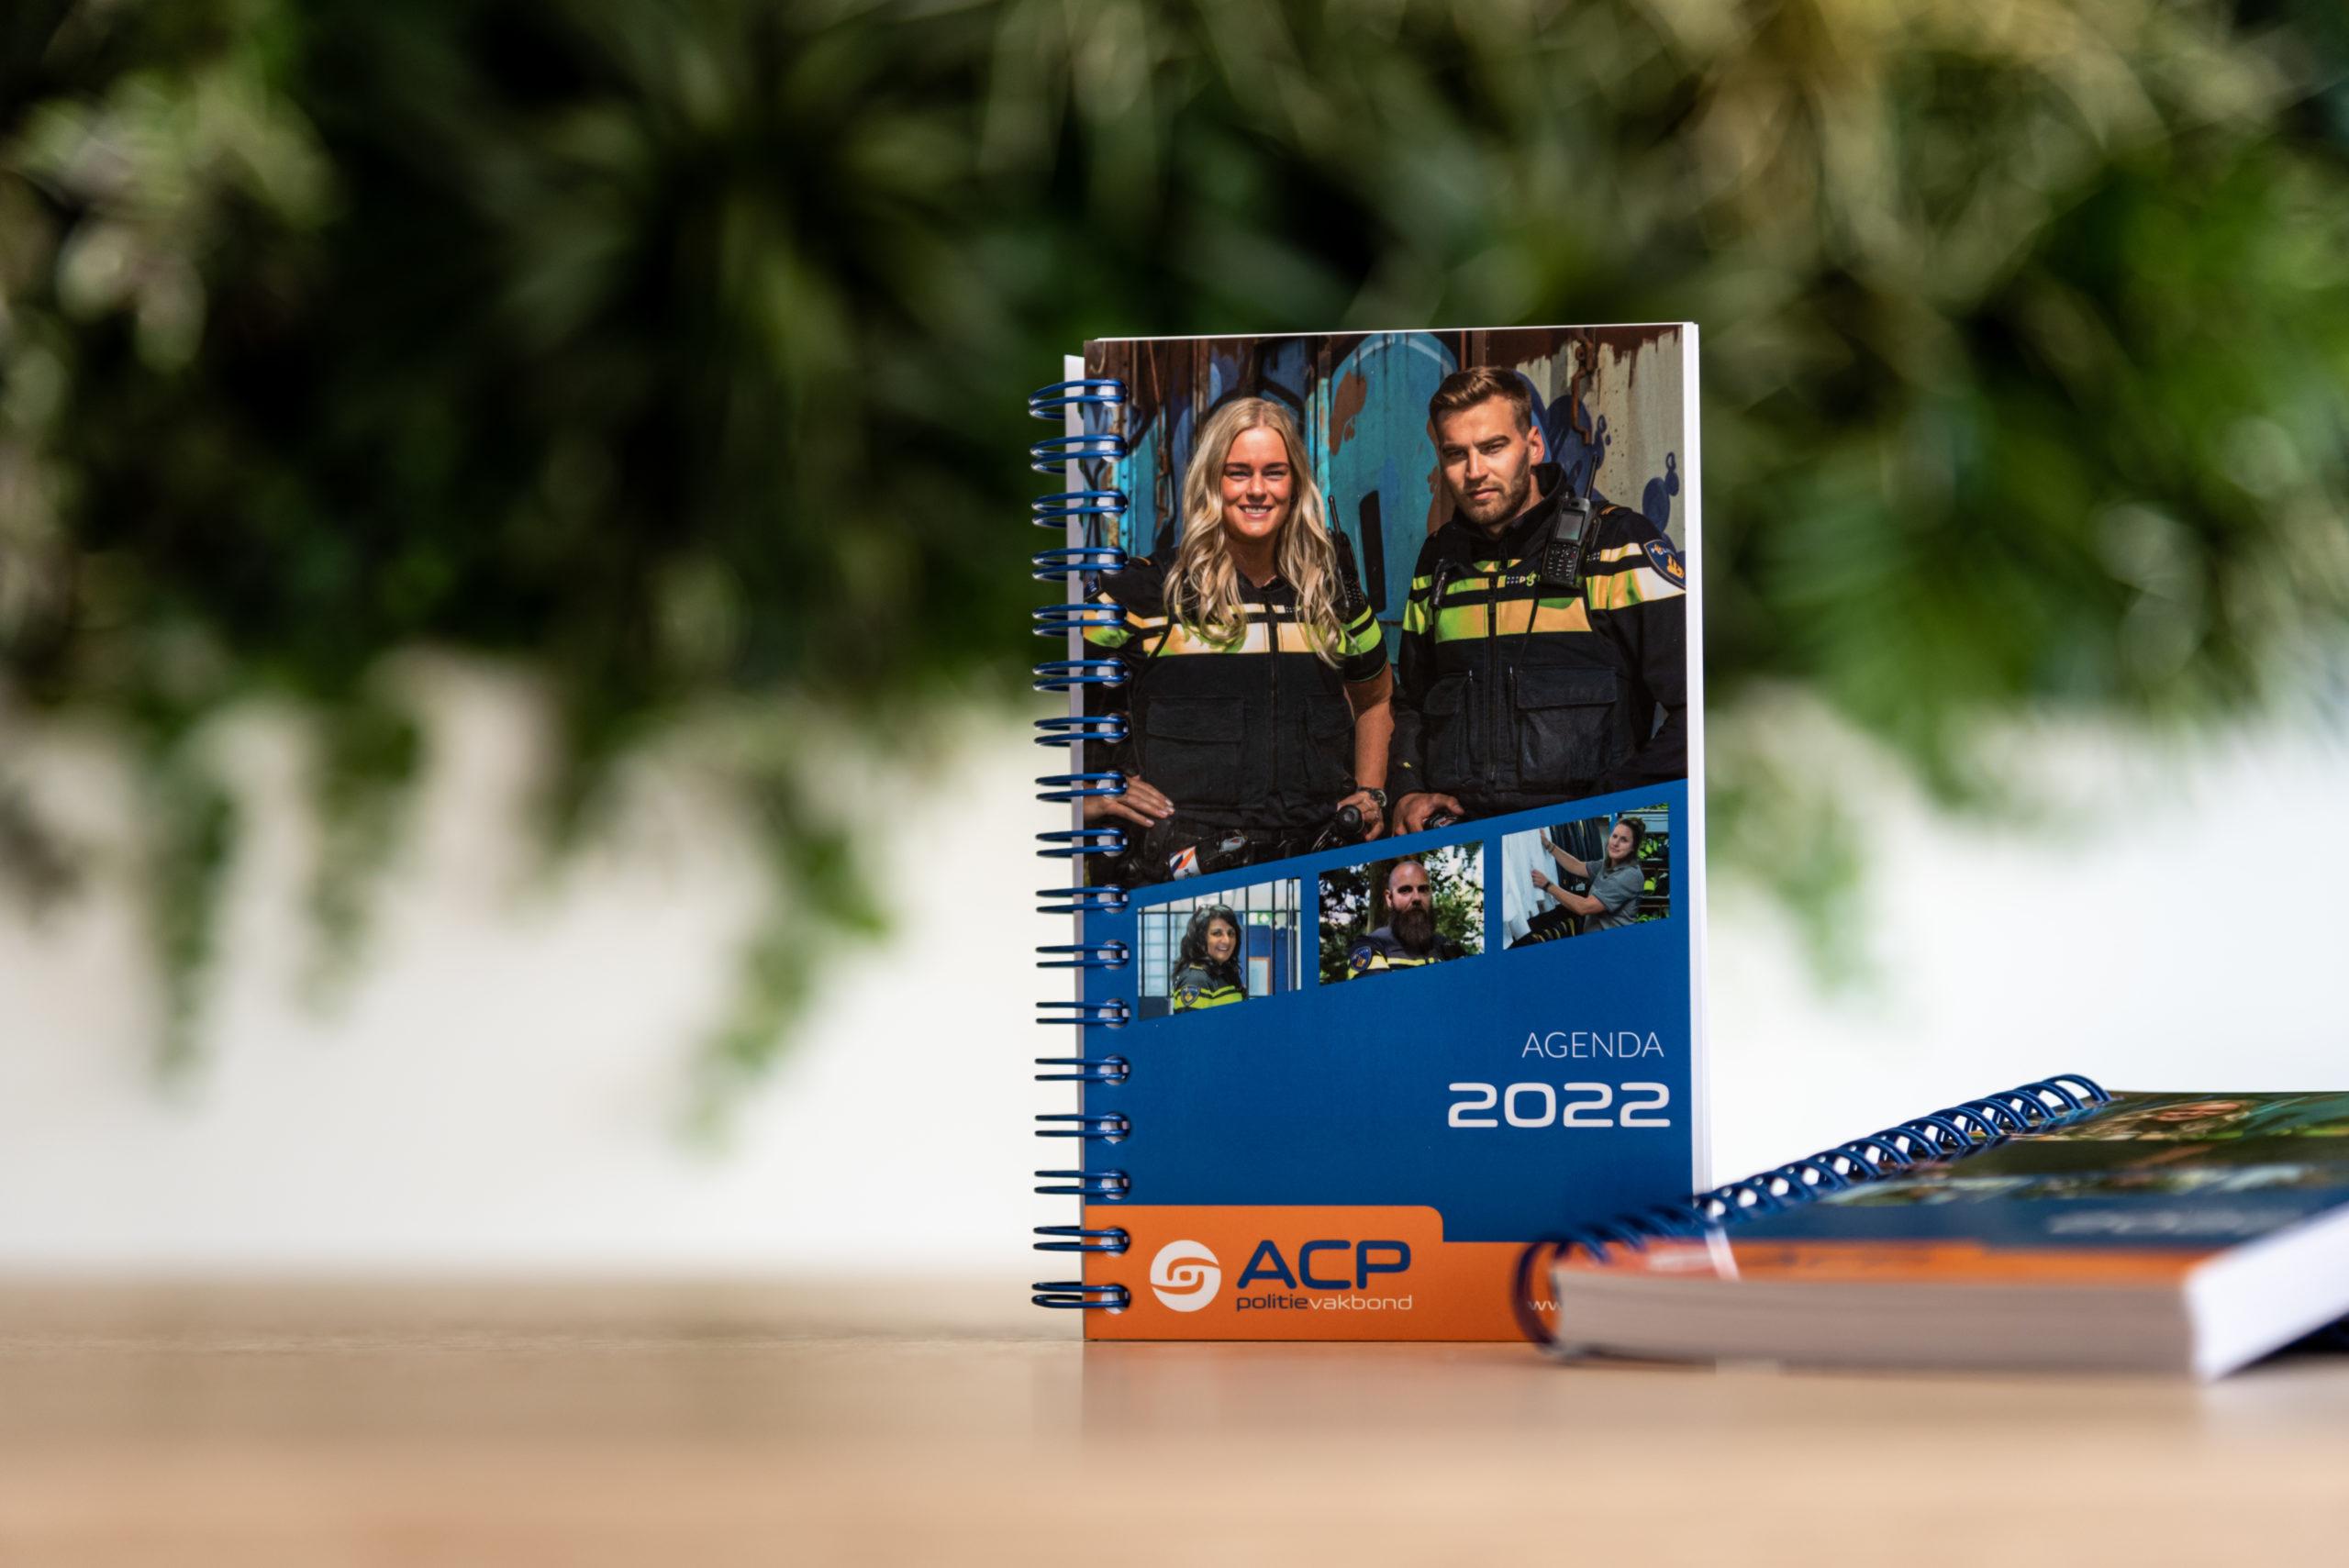 zakagenda ACP